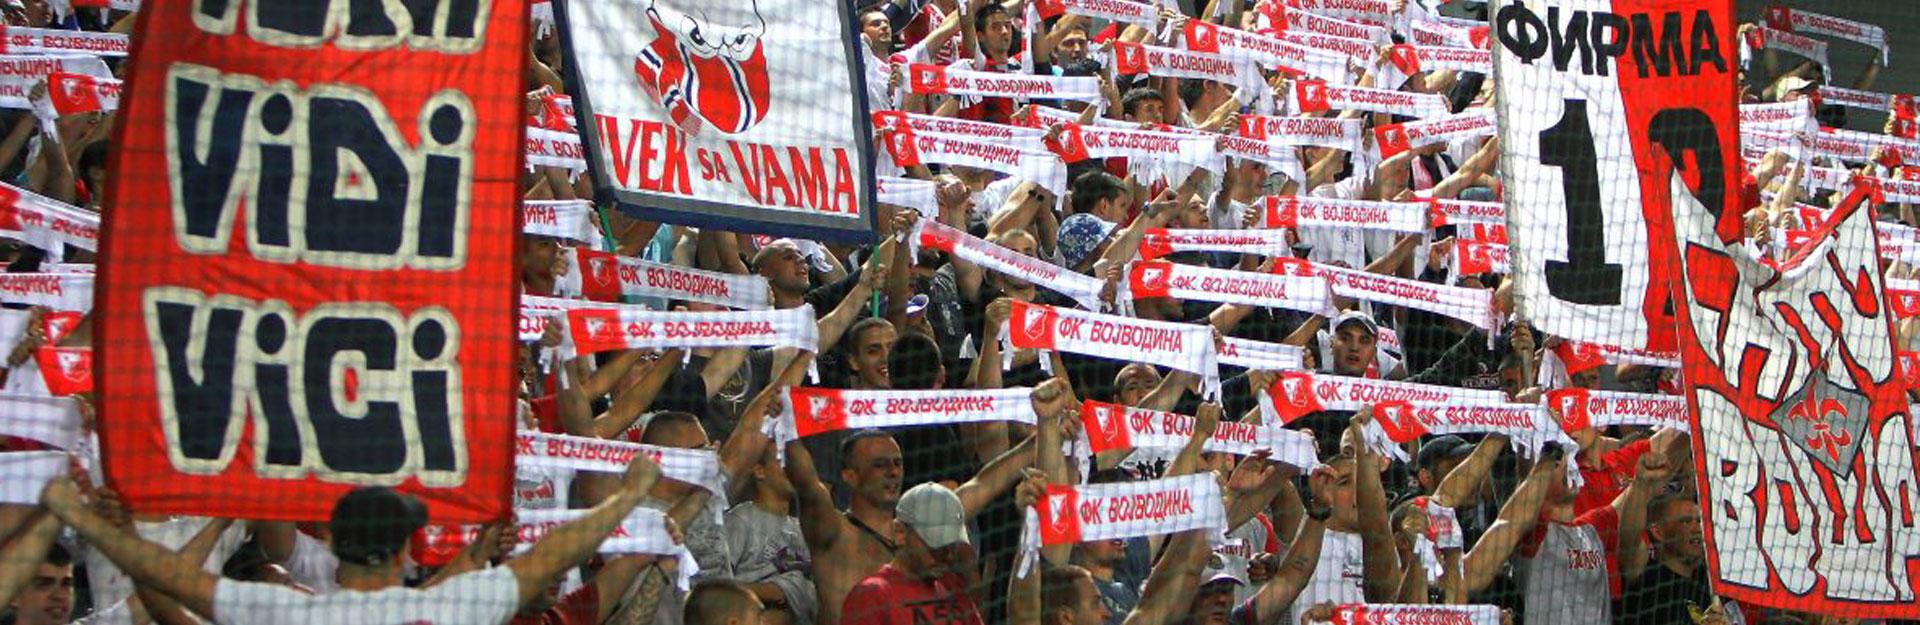 Navijaci FK Vojvodina